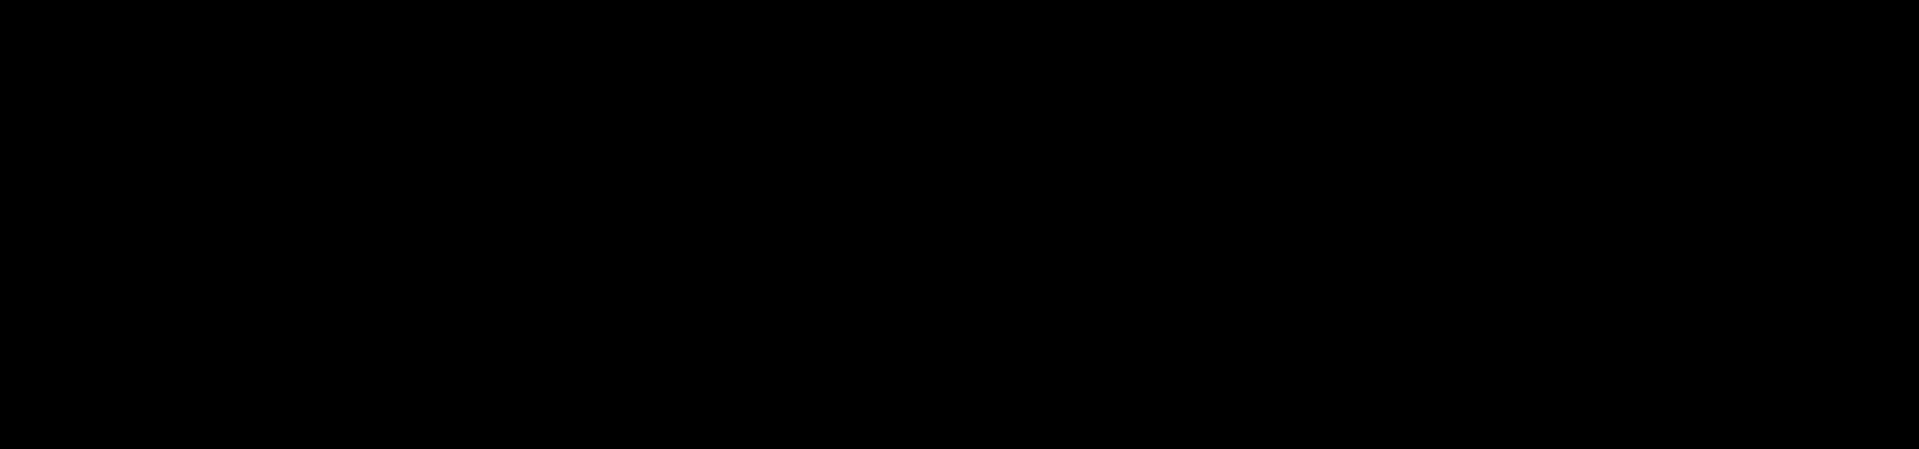 bvw-fullname-black